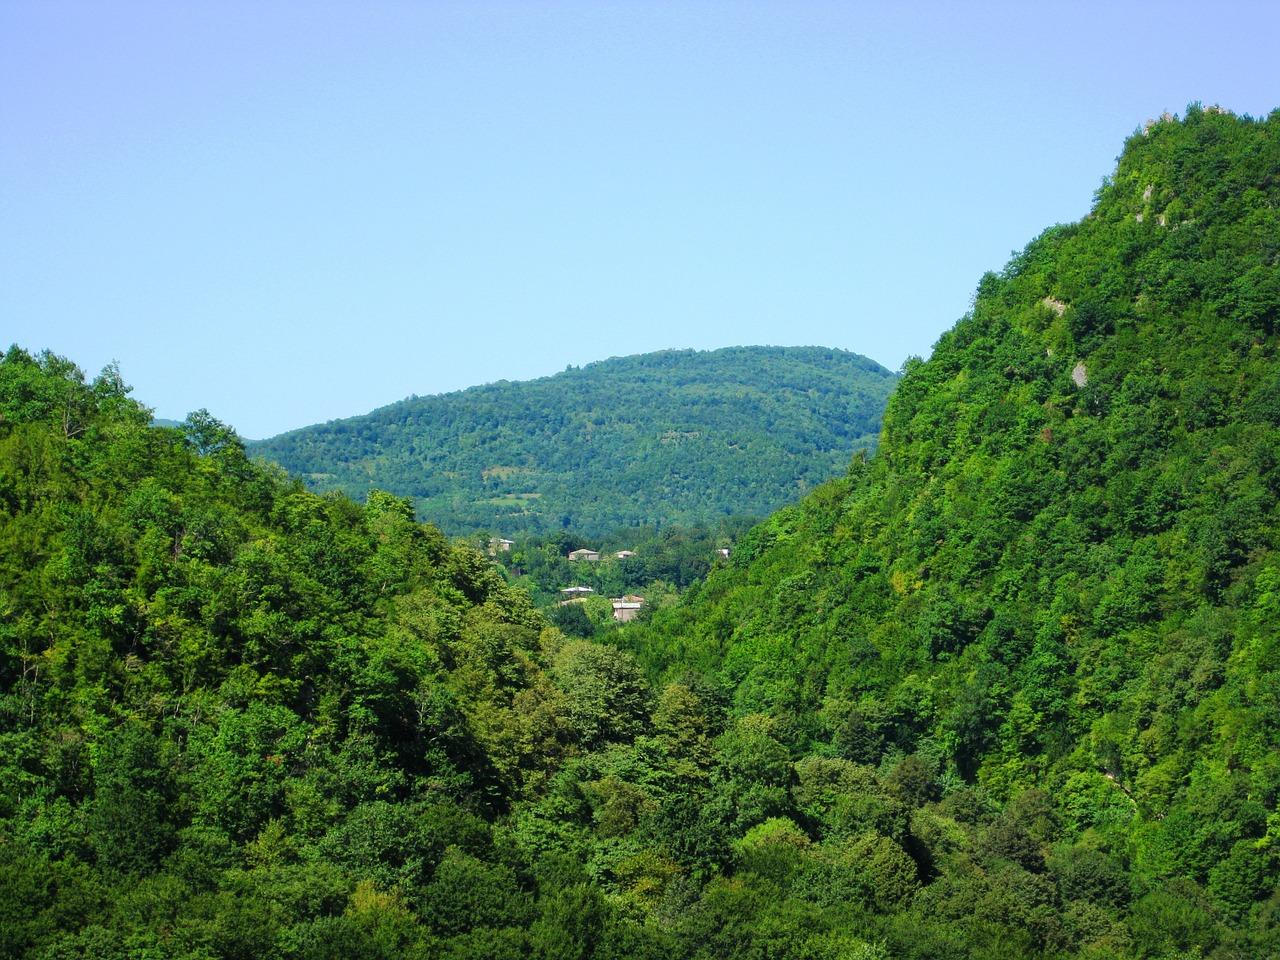 Imereti countryside